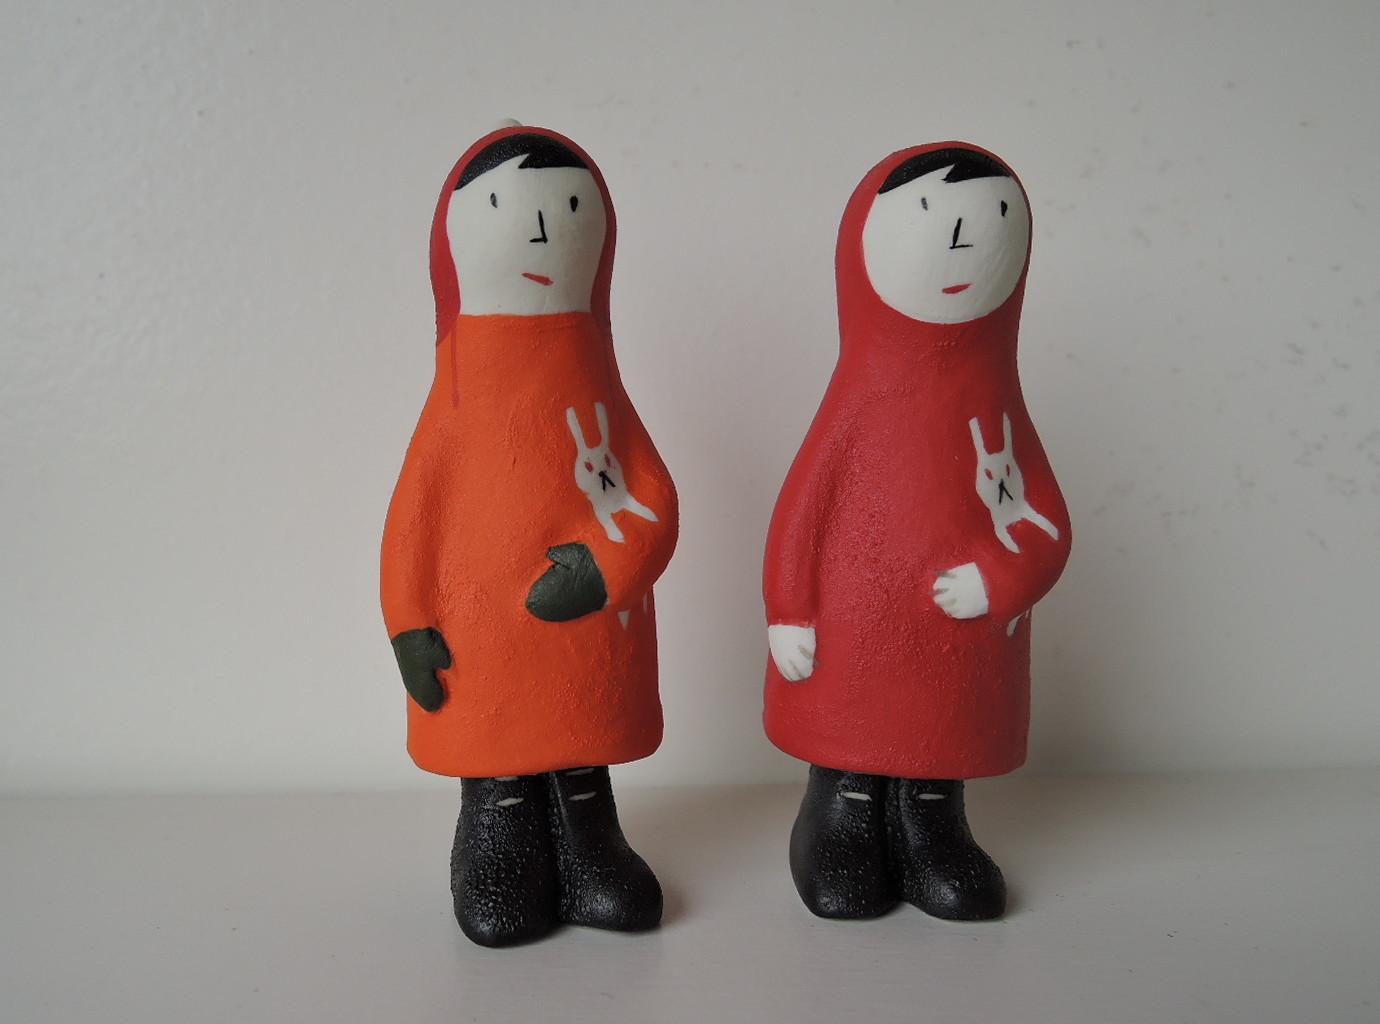 小堤晶子さんの陶器人形 オレンジ色のコートの少女と赤いコートの少女